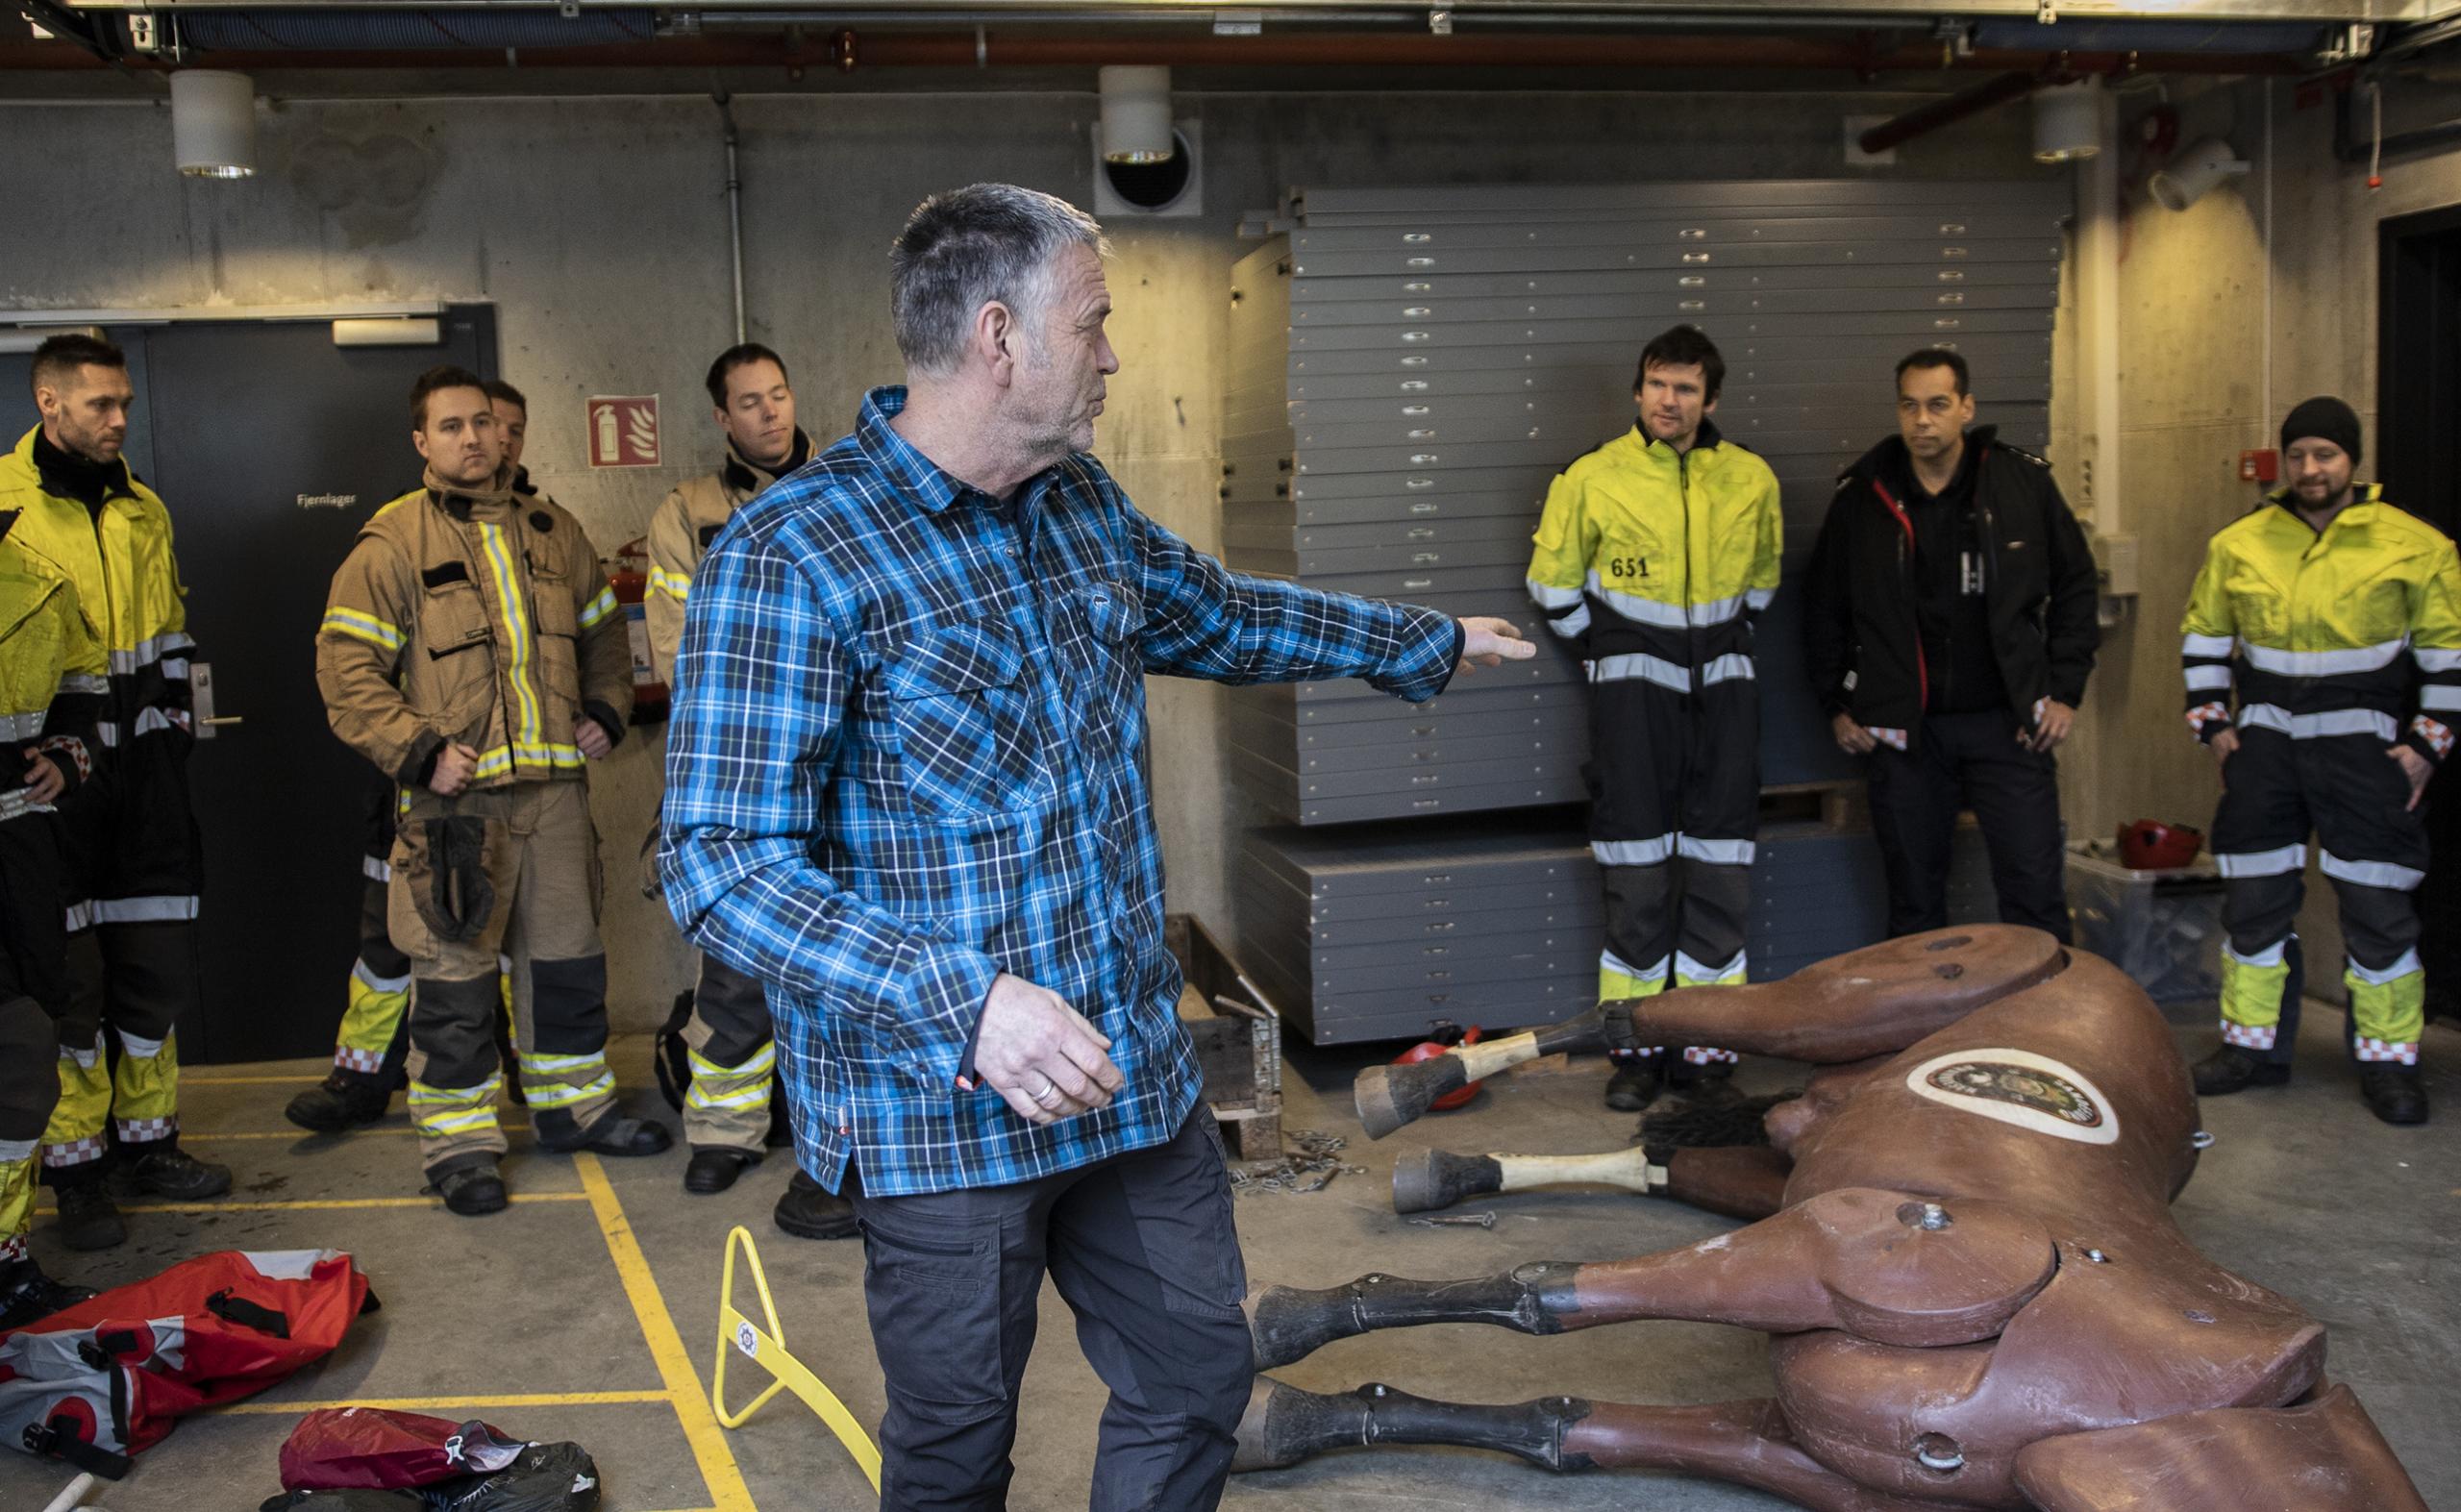 Instruktør Jan Helge Olsen, dyreredning